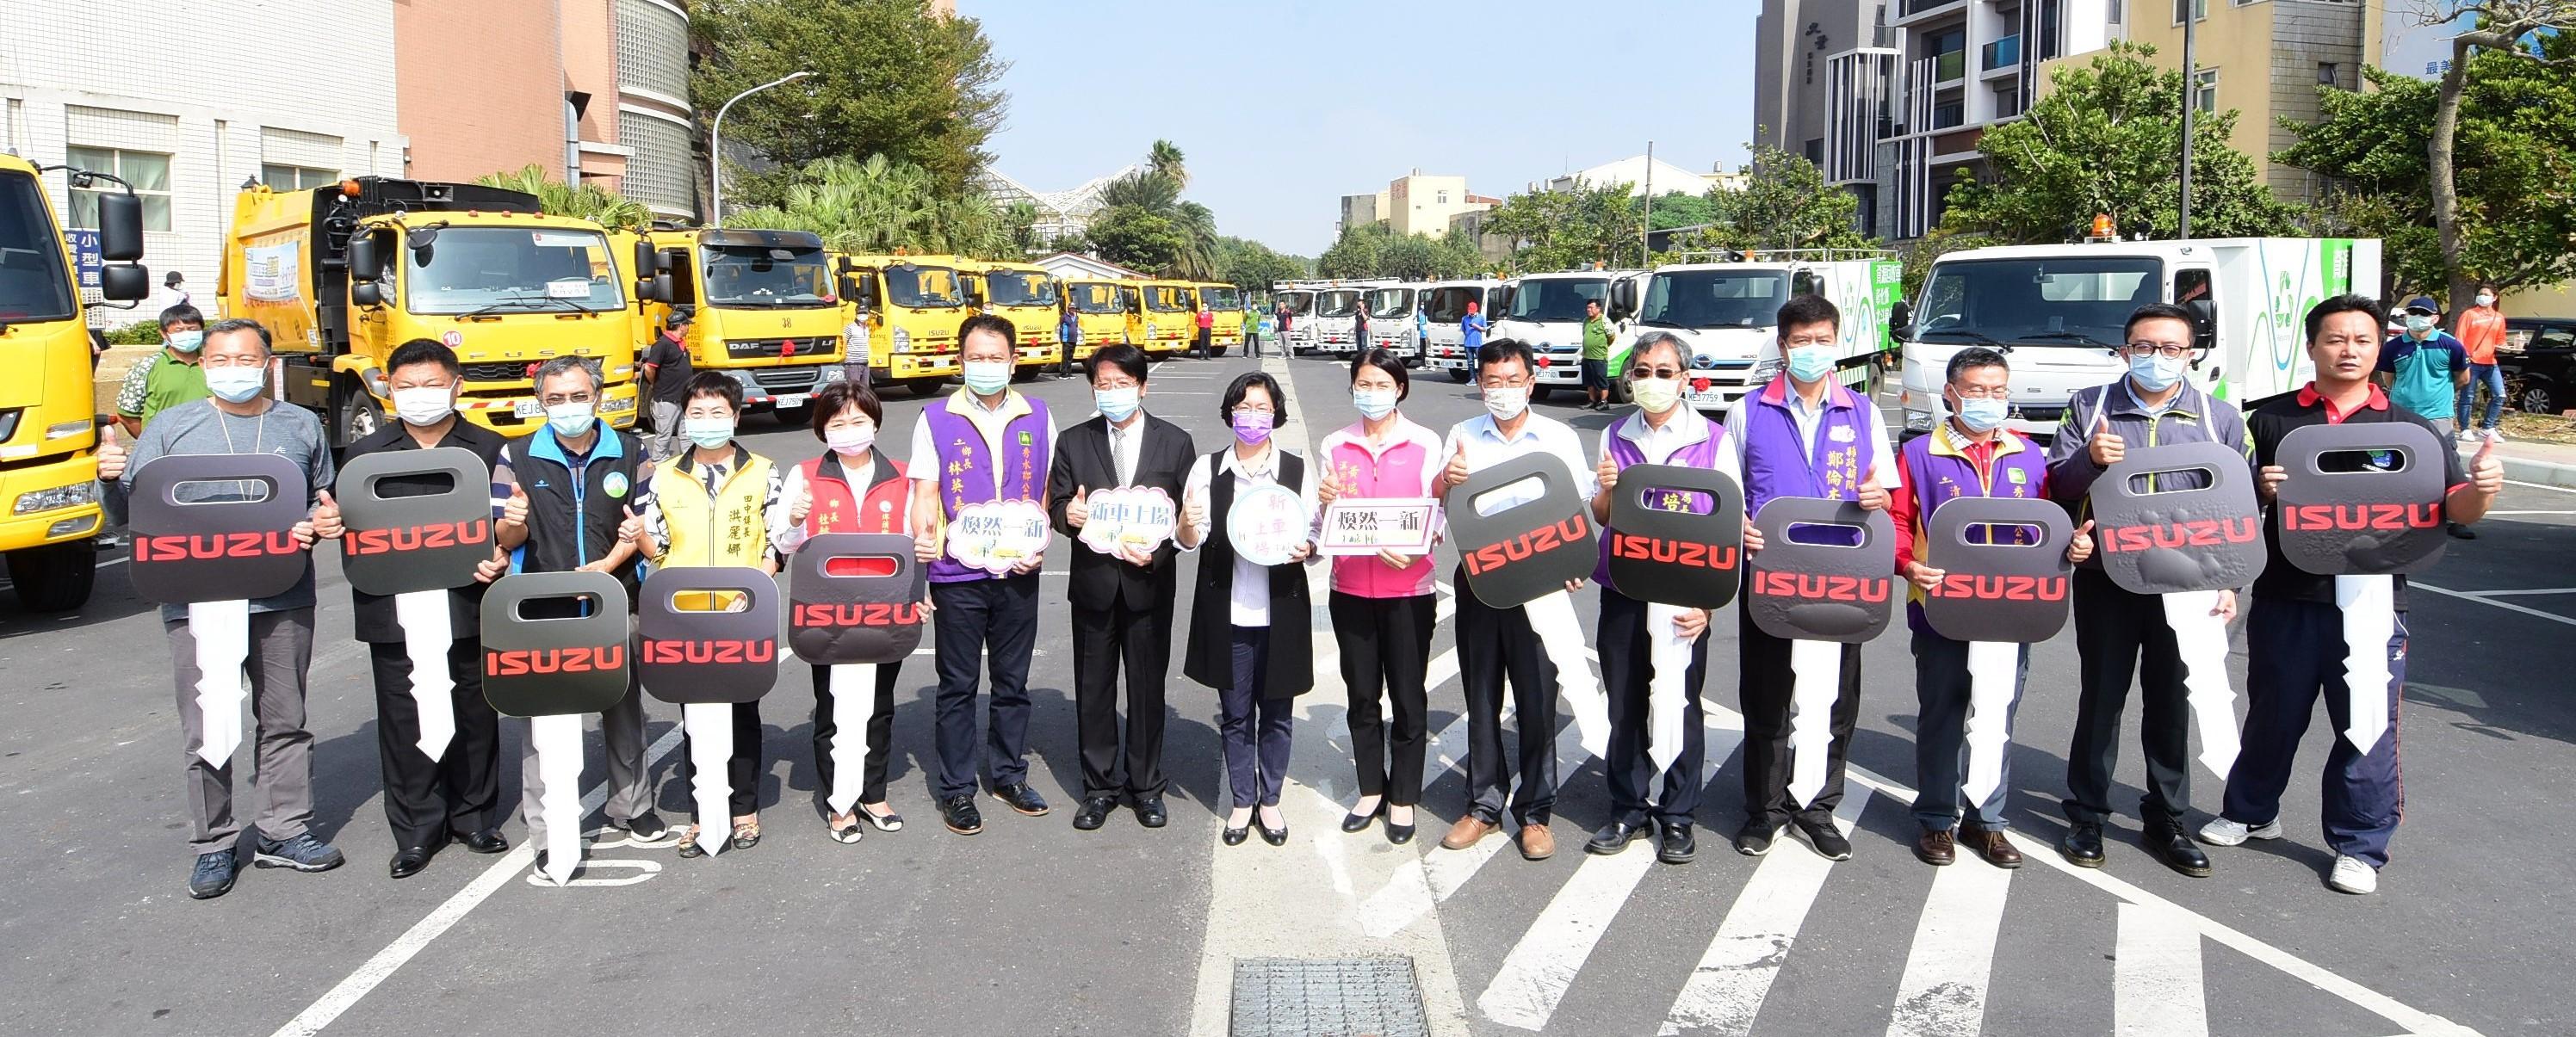 彰化縣慶祝「清潔隊員節」向清潔隊員致敬 表揚模範清潔人員環保車輛授車